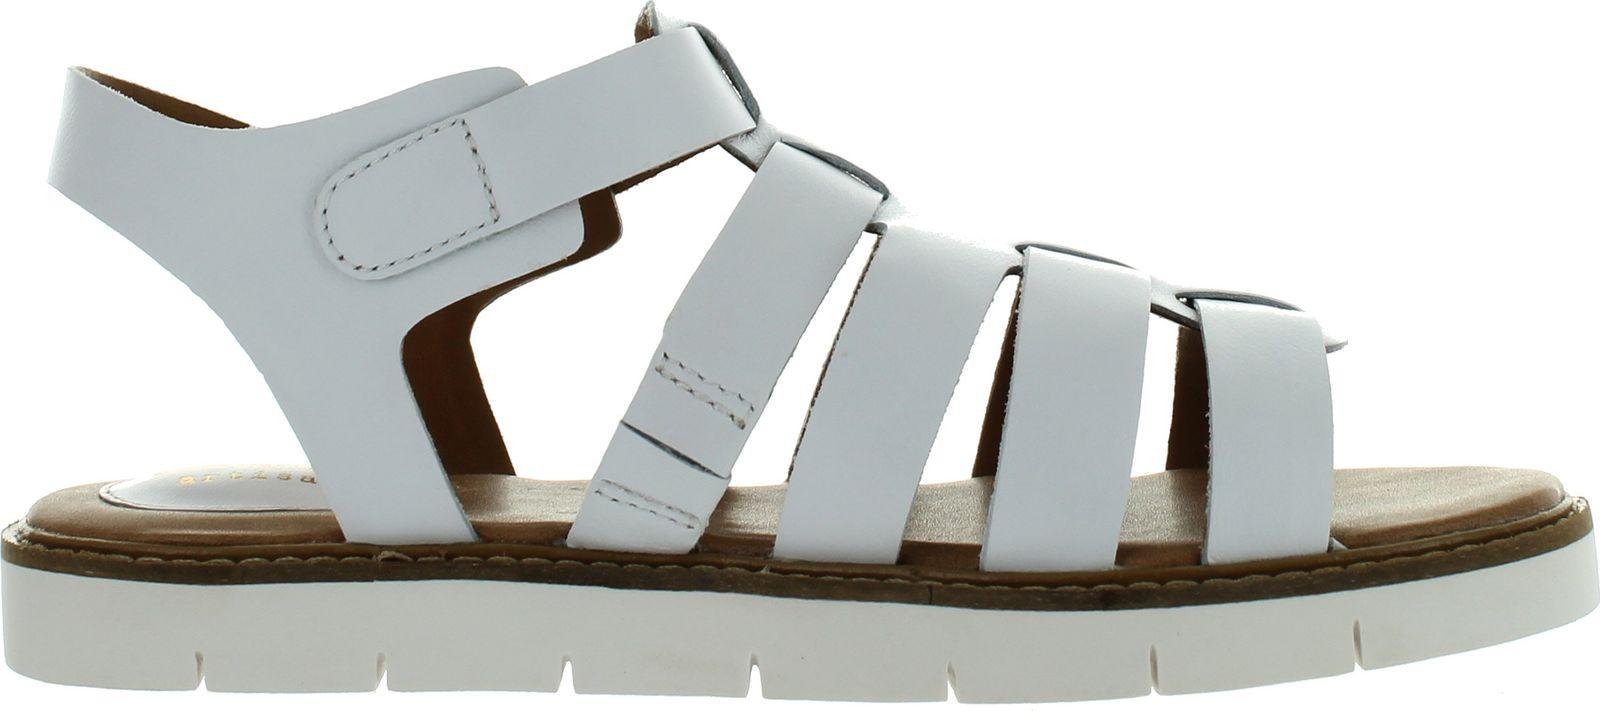 49d70a9aad5 Clarks-Lydie-Kona-Women-039-s-Sandals